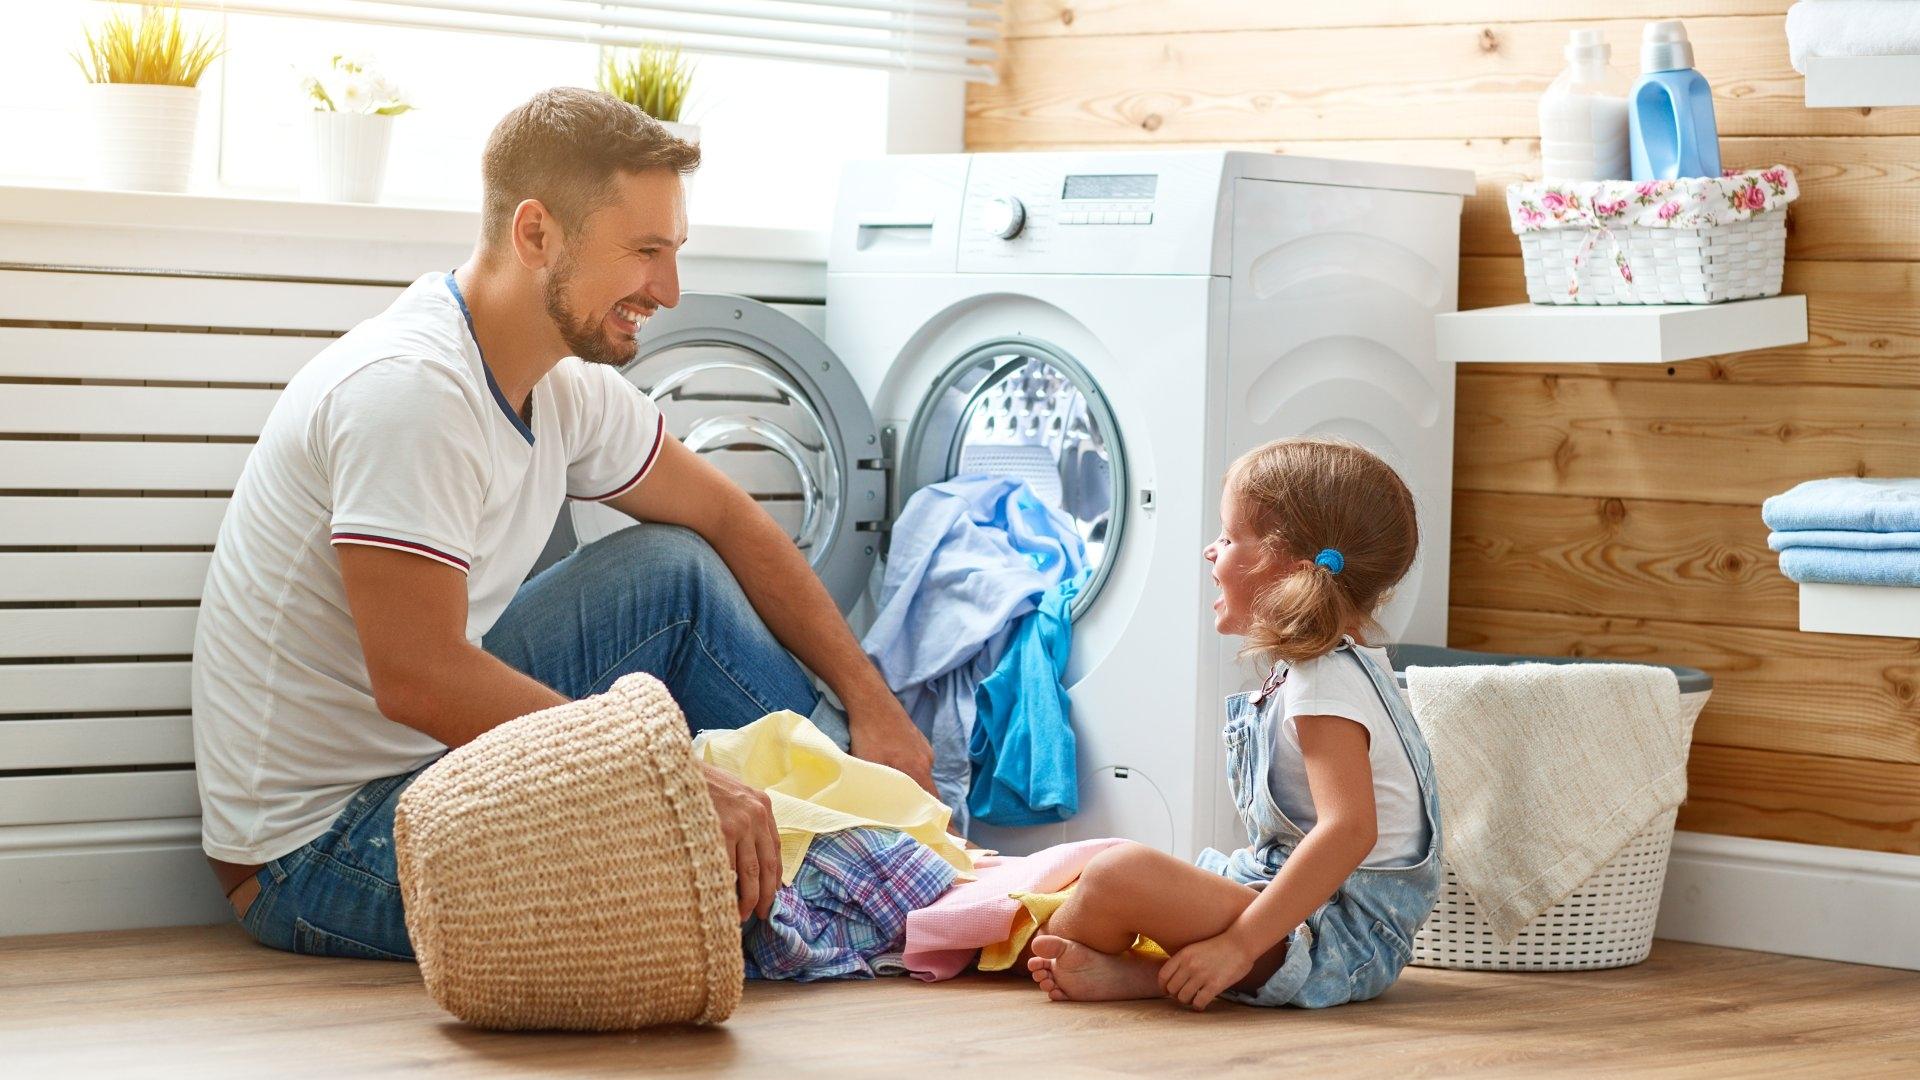 Jak pozbyć się tłustych plam z ubrań Twojego dziecka